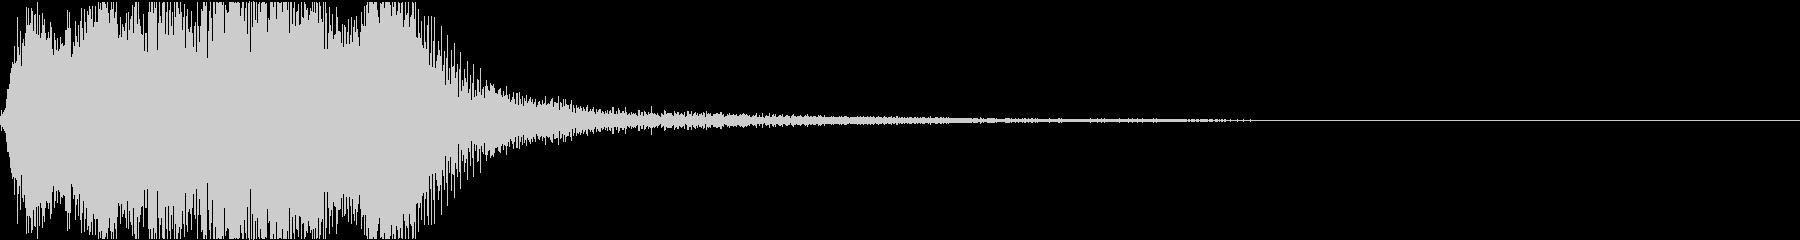 ラッパ ファンファーレ 定番 23 早いの未再生の波形